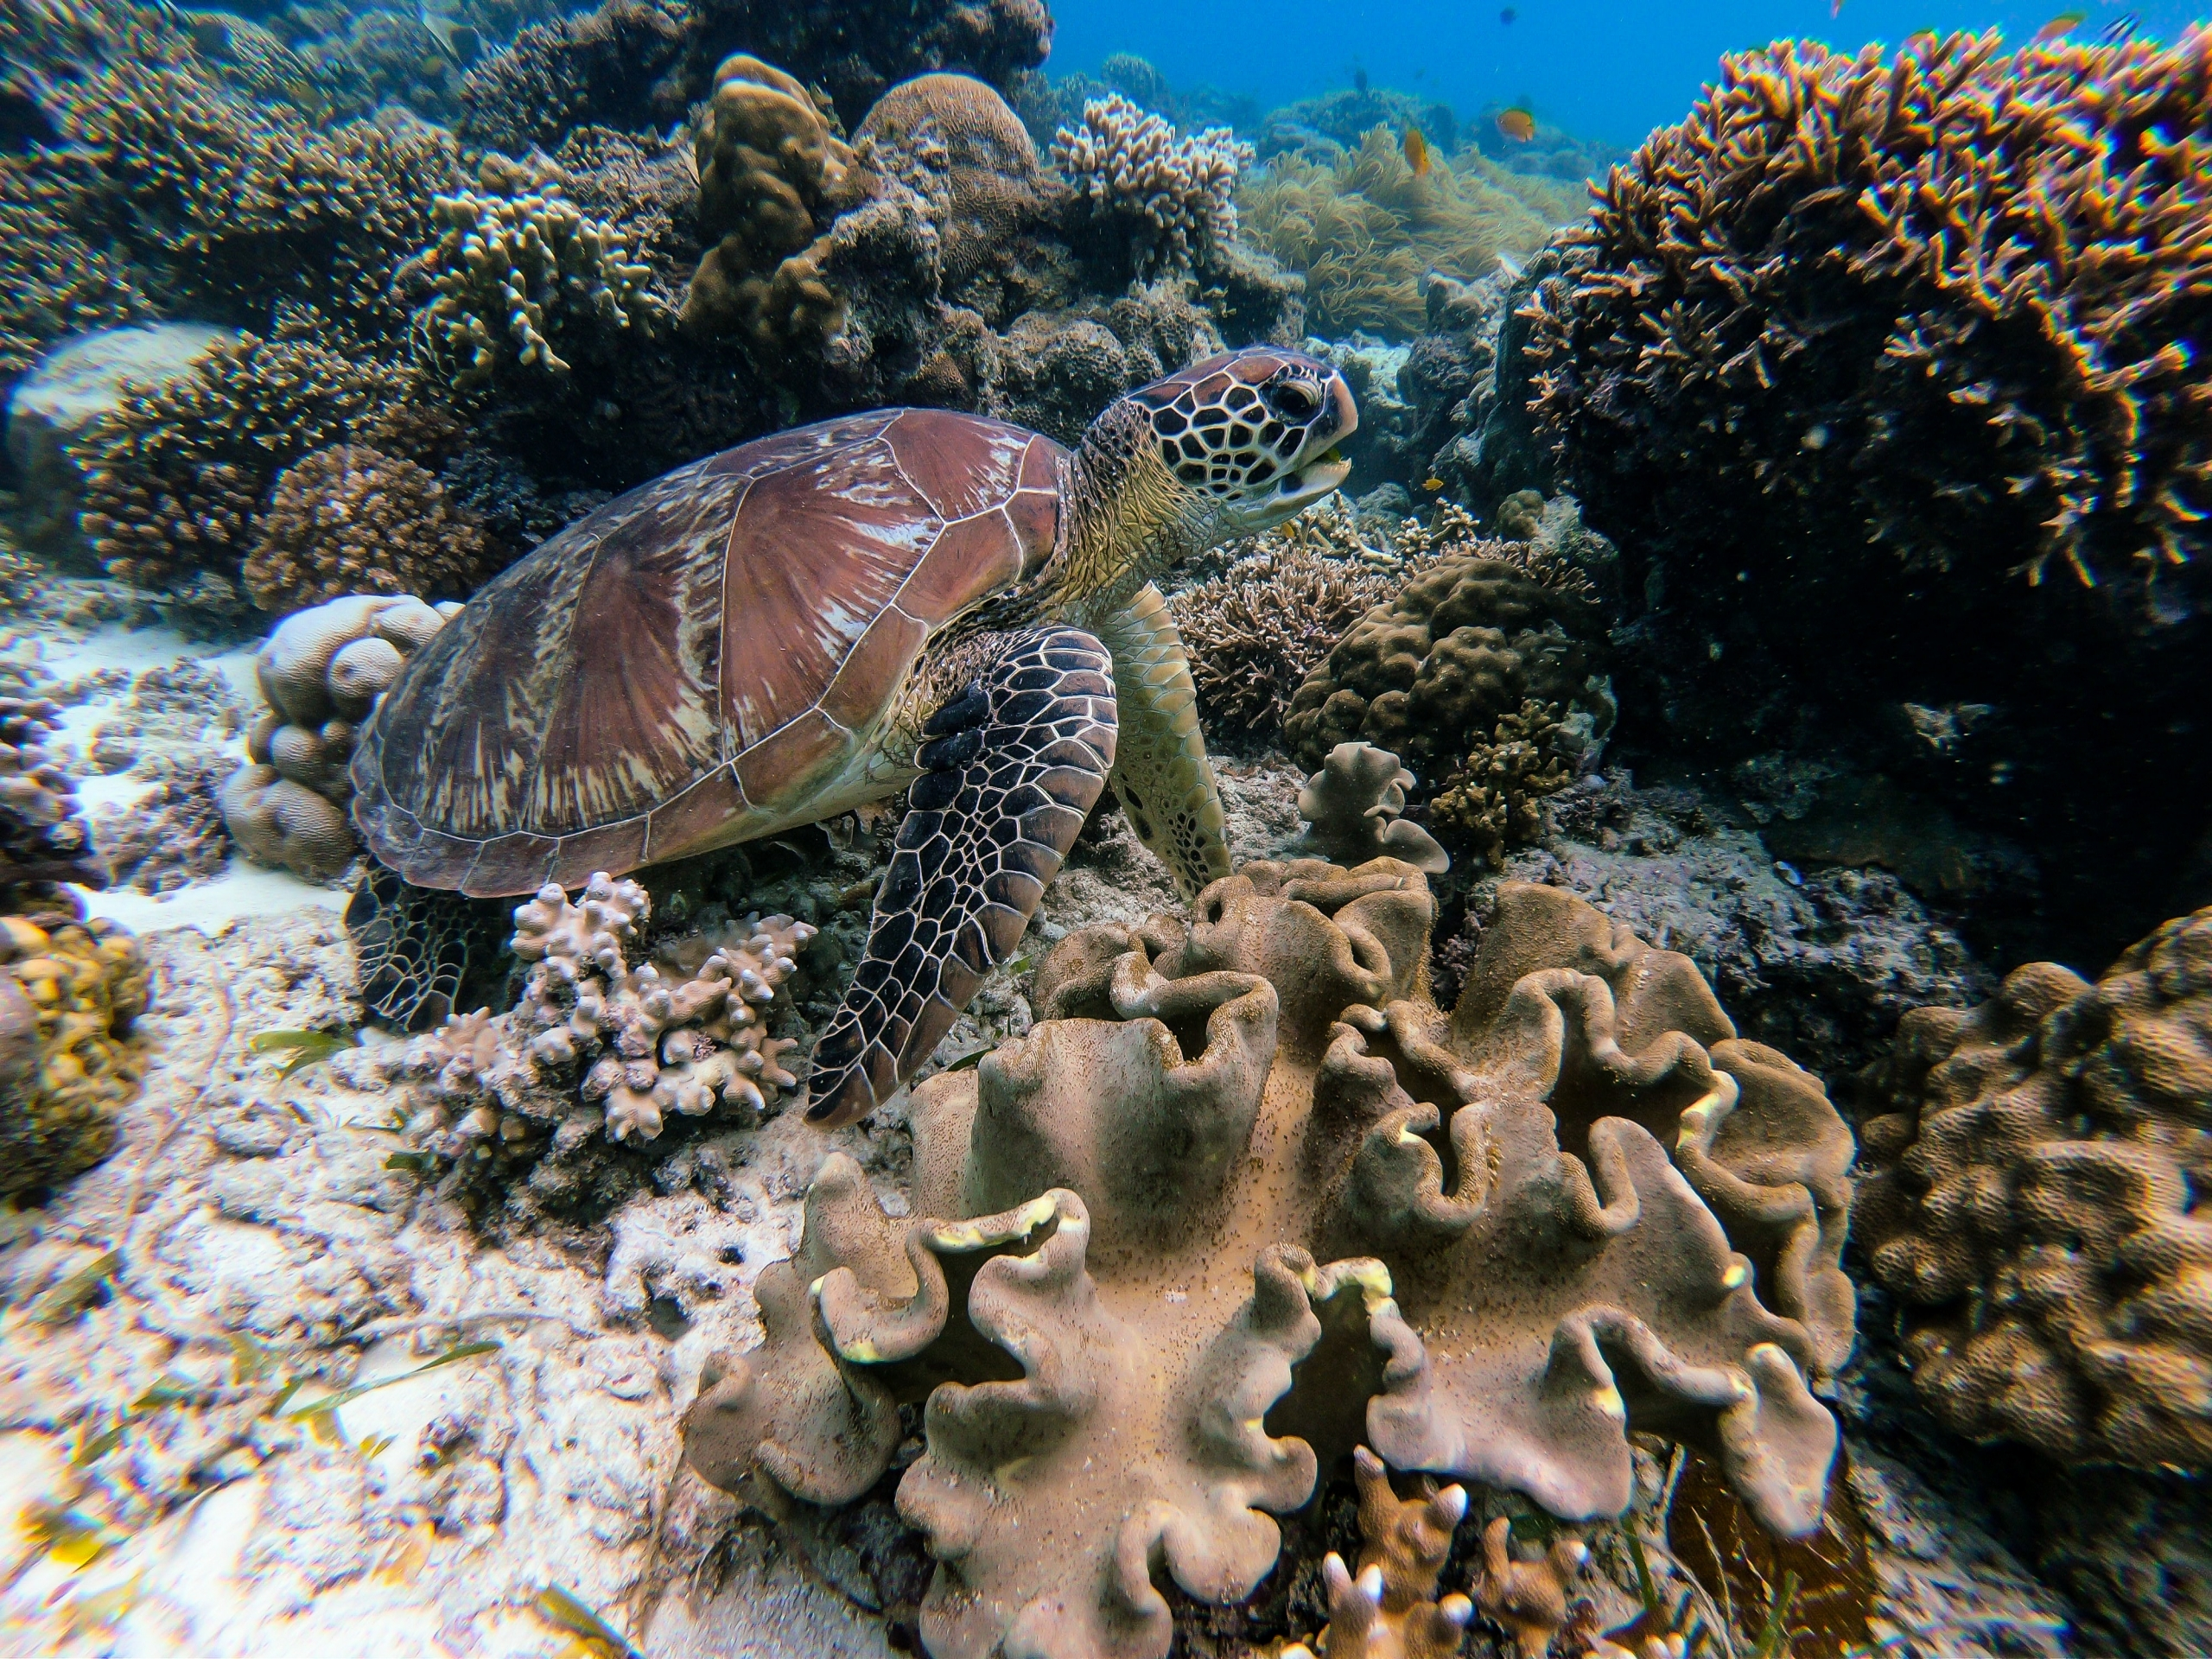 abacos-inslands-parks-reefs